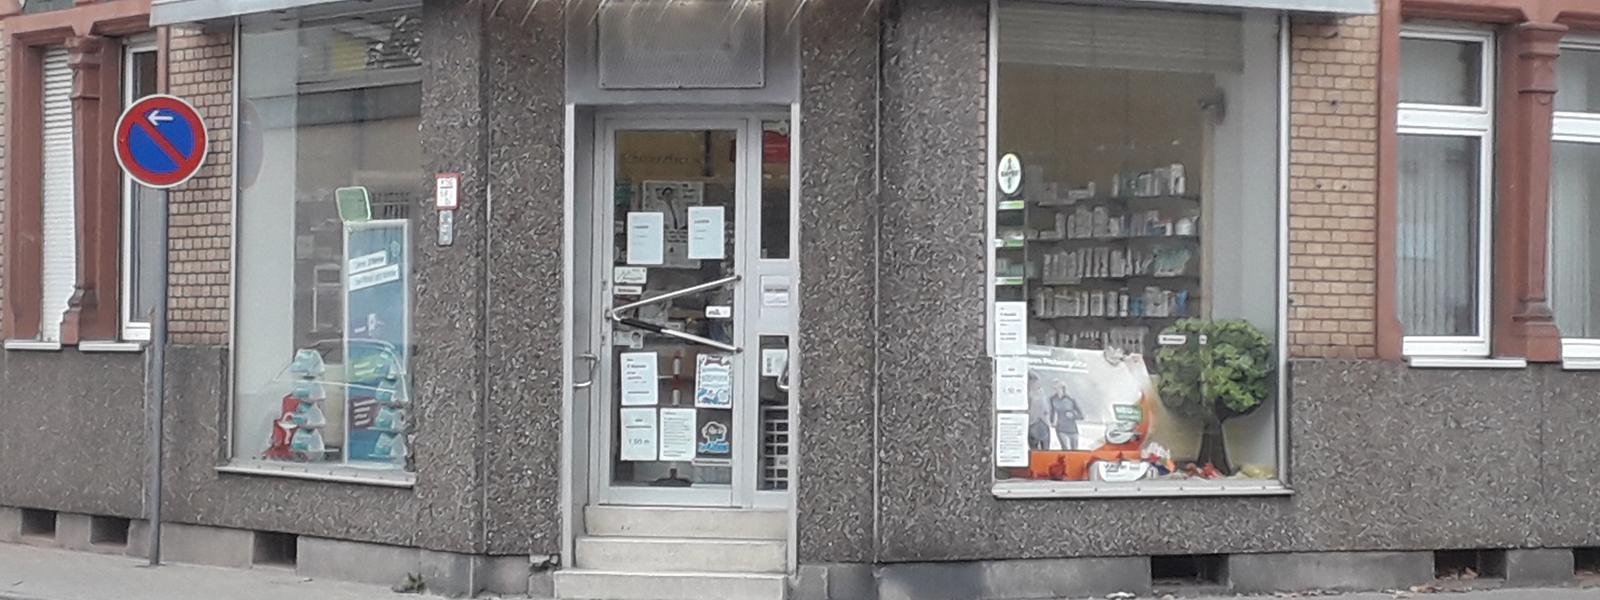 Engel Apotheke Ludwigshafen